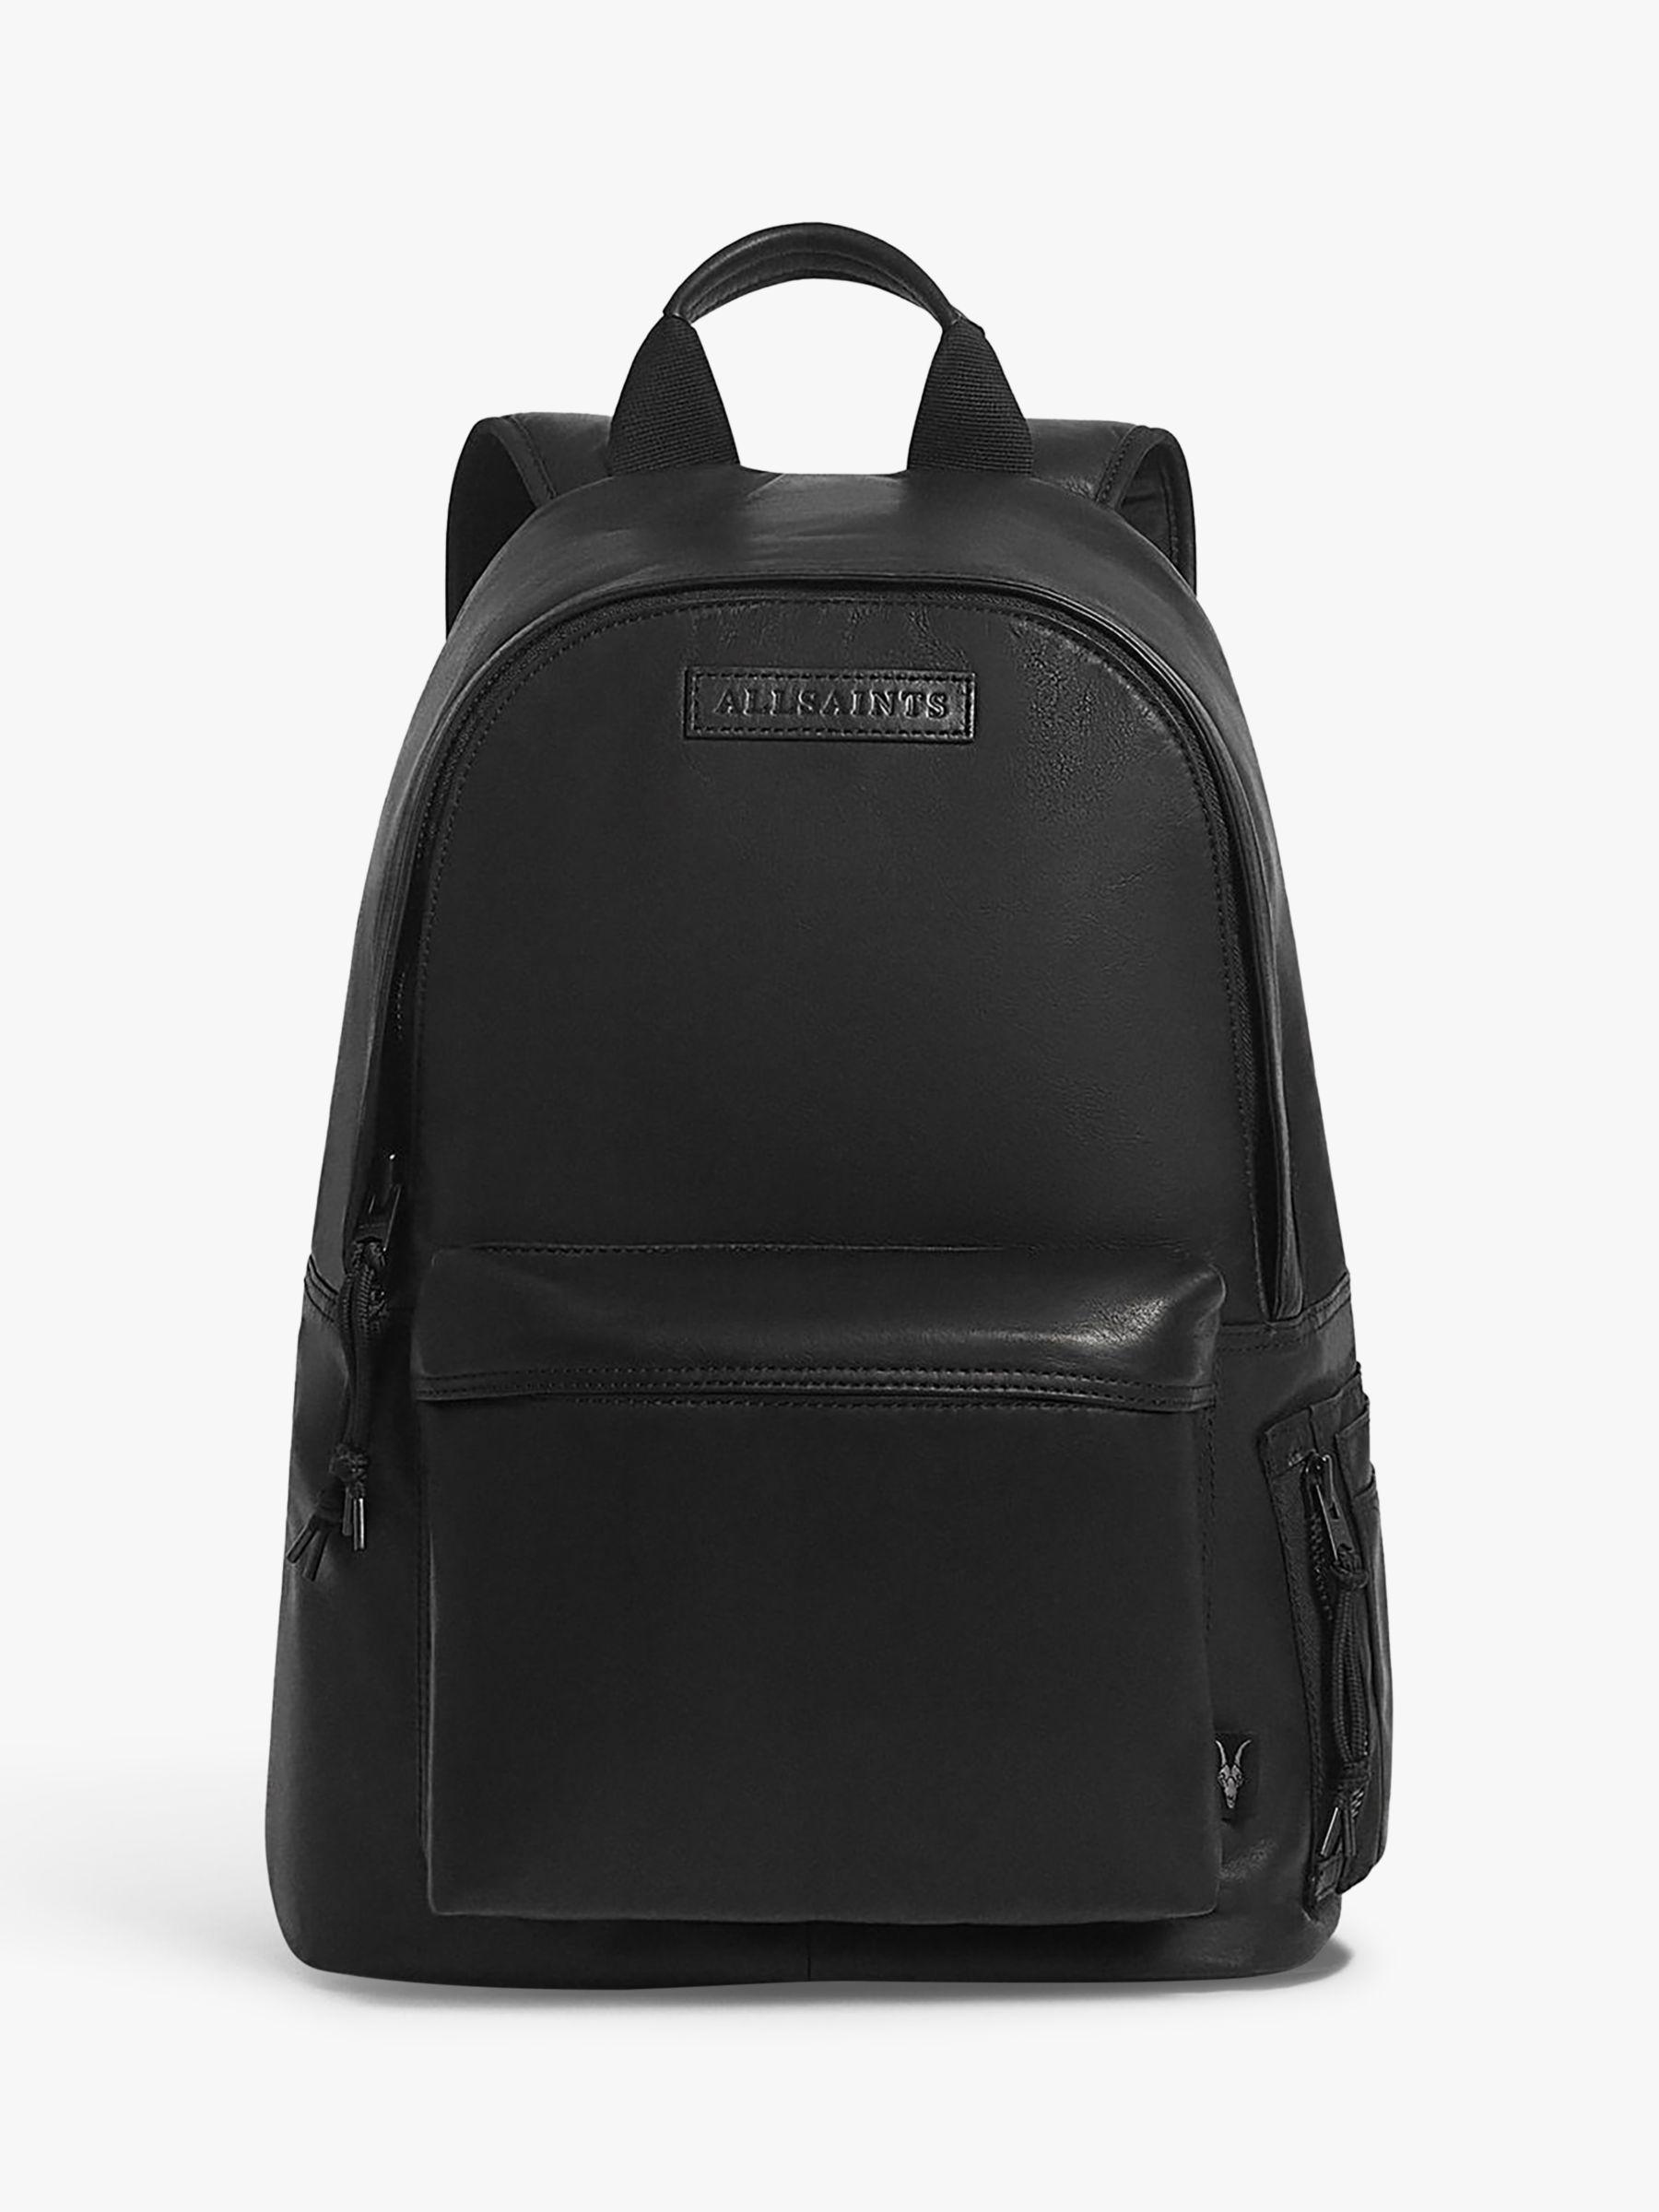 AllSaints AllSaints Hayes Leather Backpack, Black